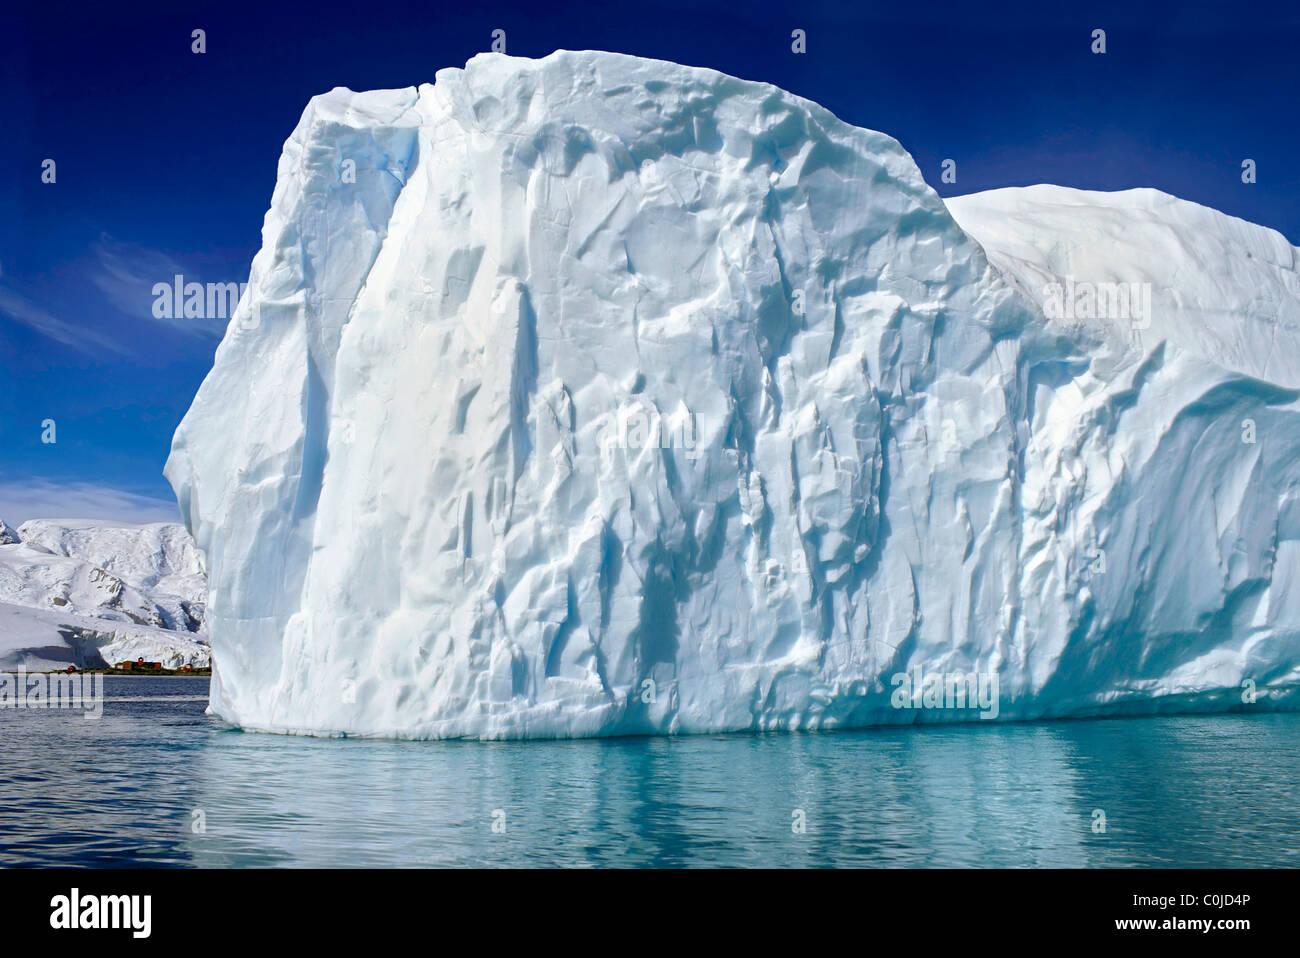 Iceberg sur une journée ensoleillée Photo Stock